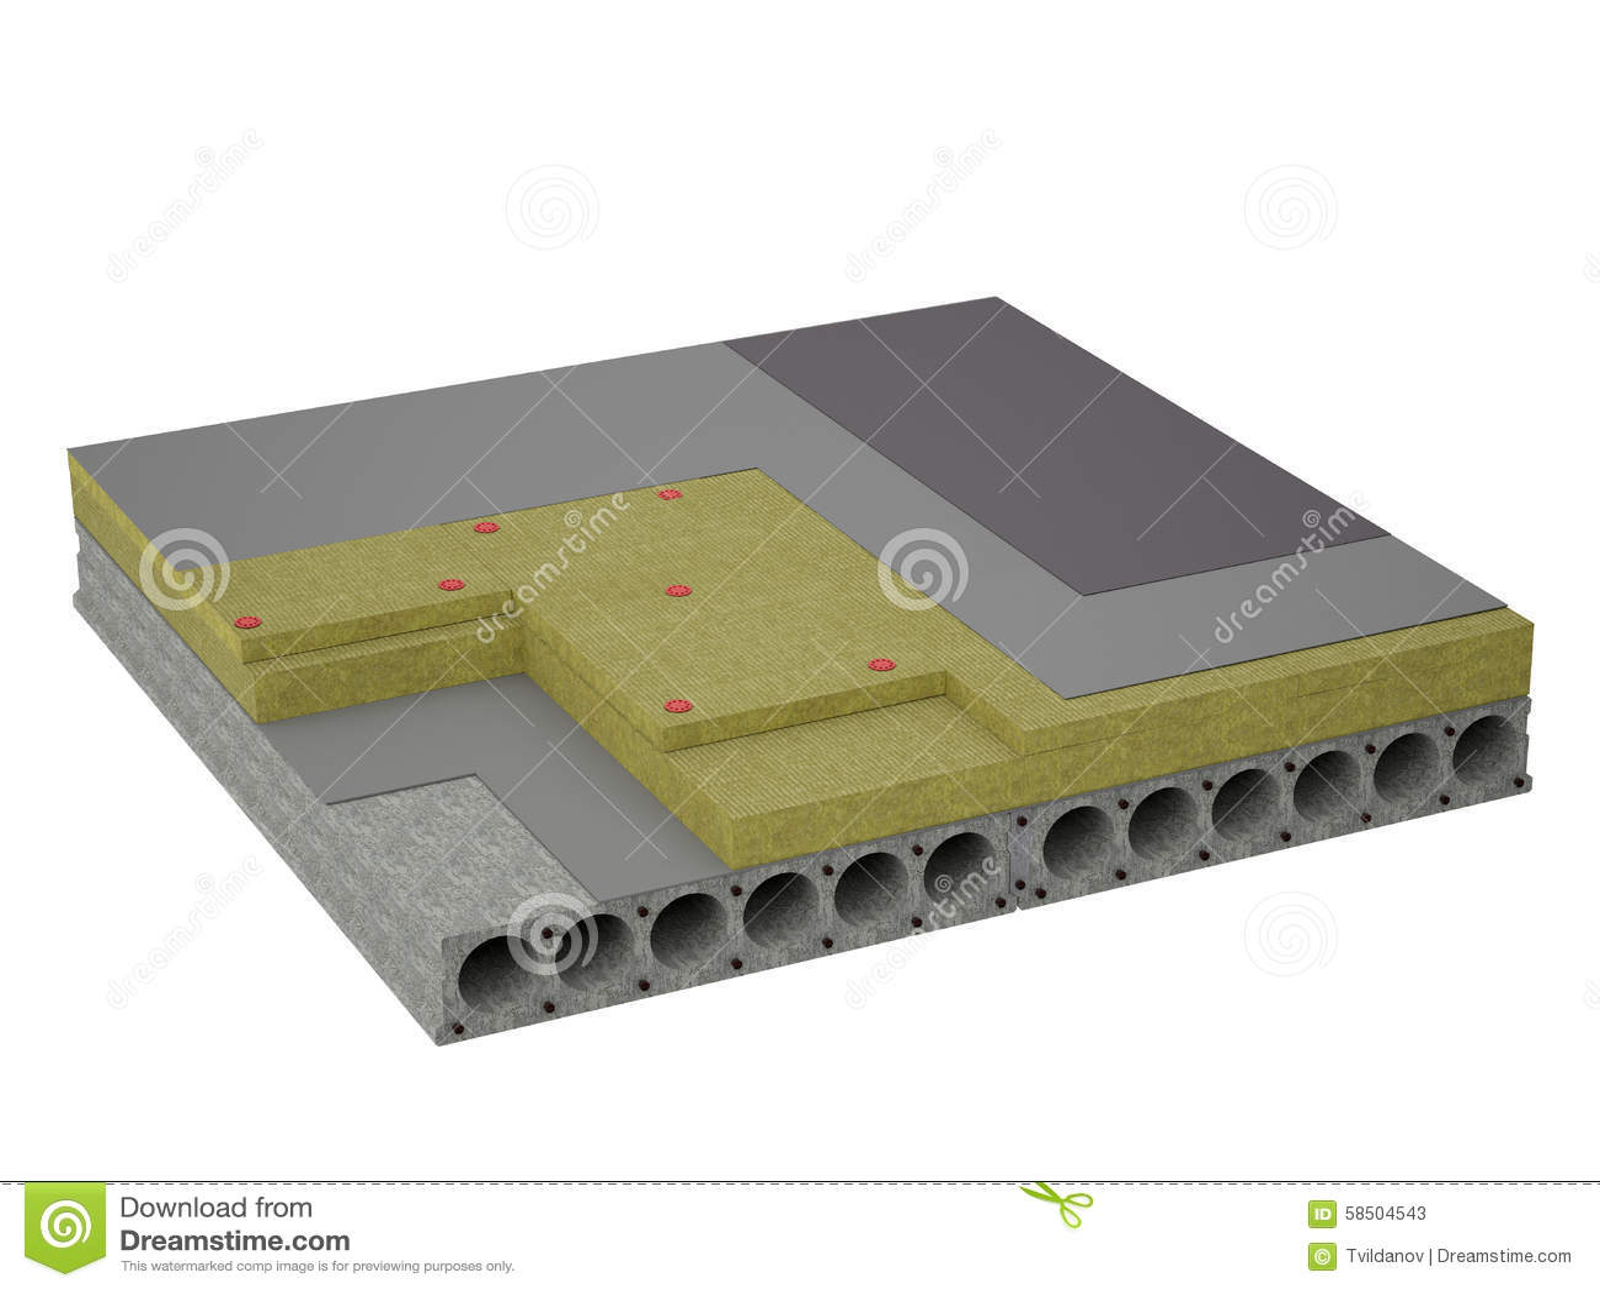 konkrete boden isolierung stock abbildung bild von isolierung 58504543. Black Bedroom Furniture Sets. Home Design Ideas